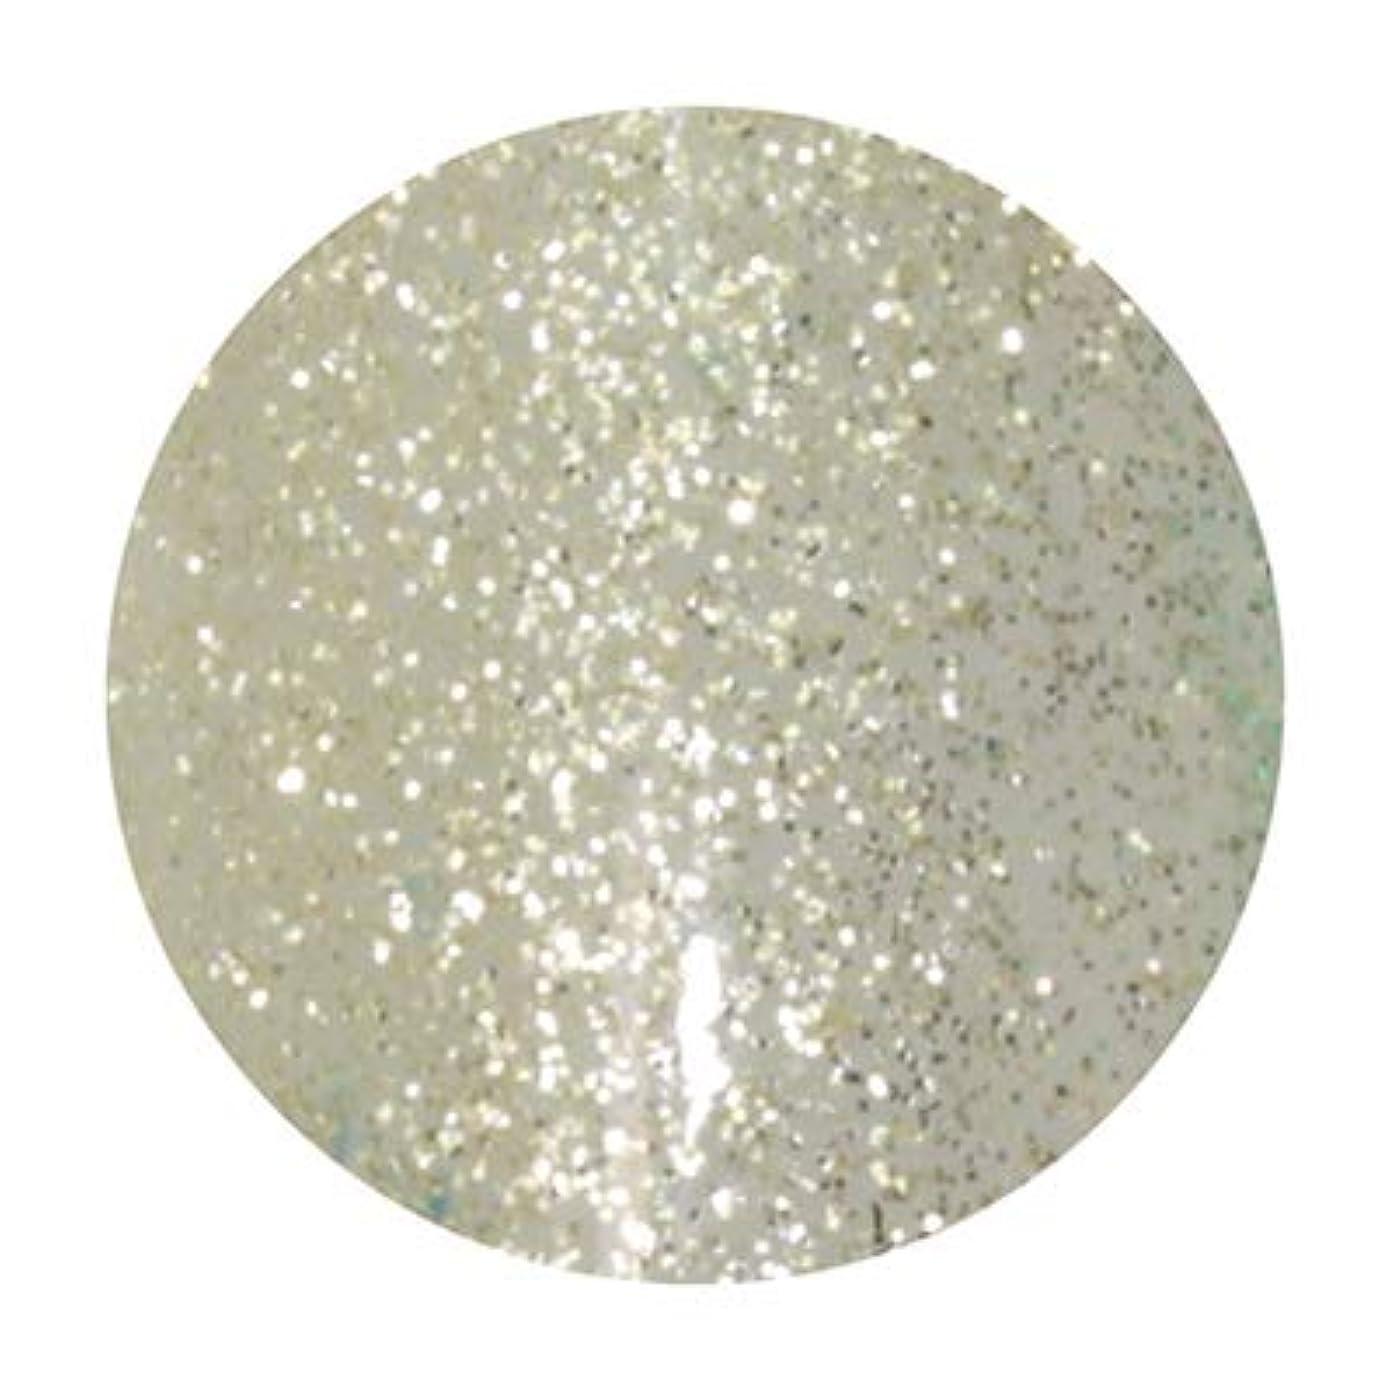 爪コインランドリー陰謀T-GEL COLLECTION ティージェル カラージェル D215 Cゴールドシャイン 4ml